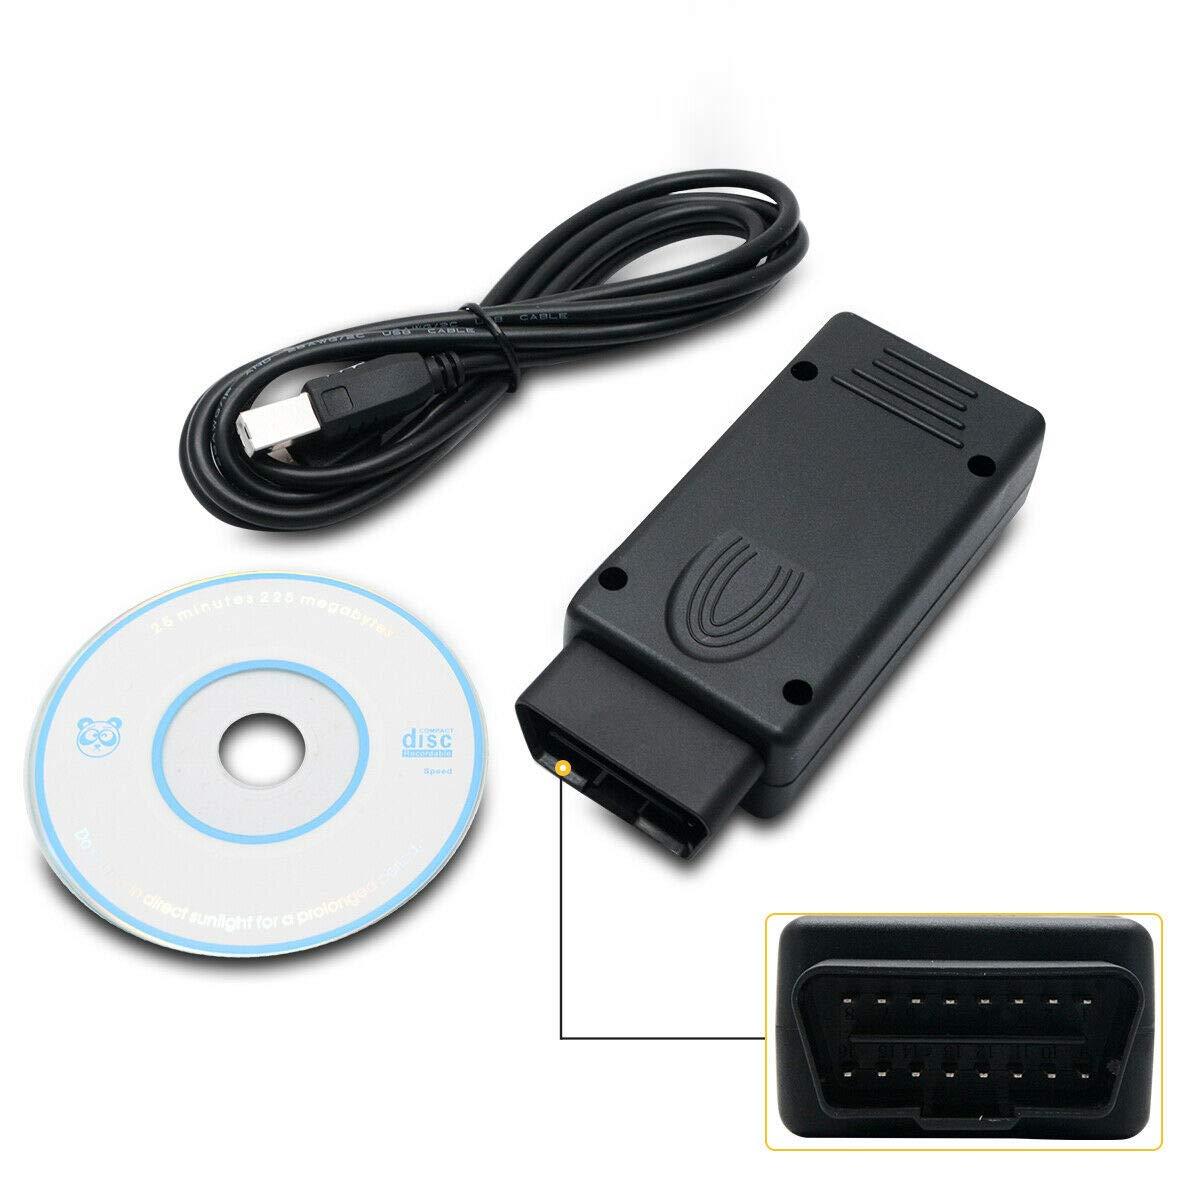 Edc16/Edc17/inkl lecteurs de code et outils de num/érisation Puce de voiture Tuning, Maso MPPS v16/OBD2/OBDII ECU Chip Tuning pour clignotant Remapping Outil pour